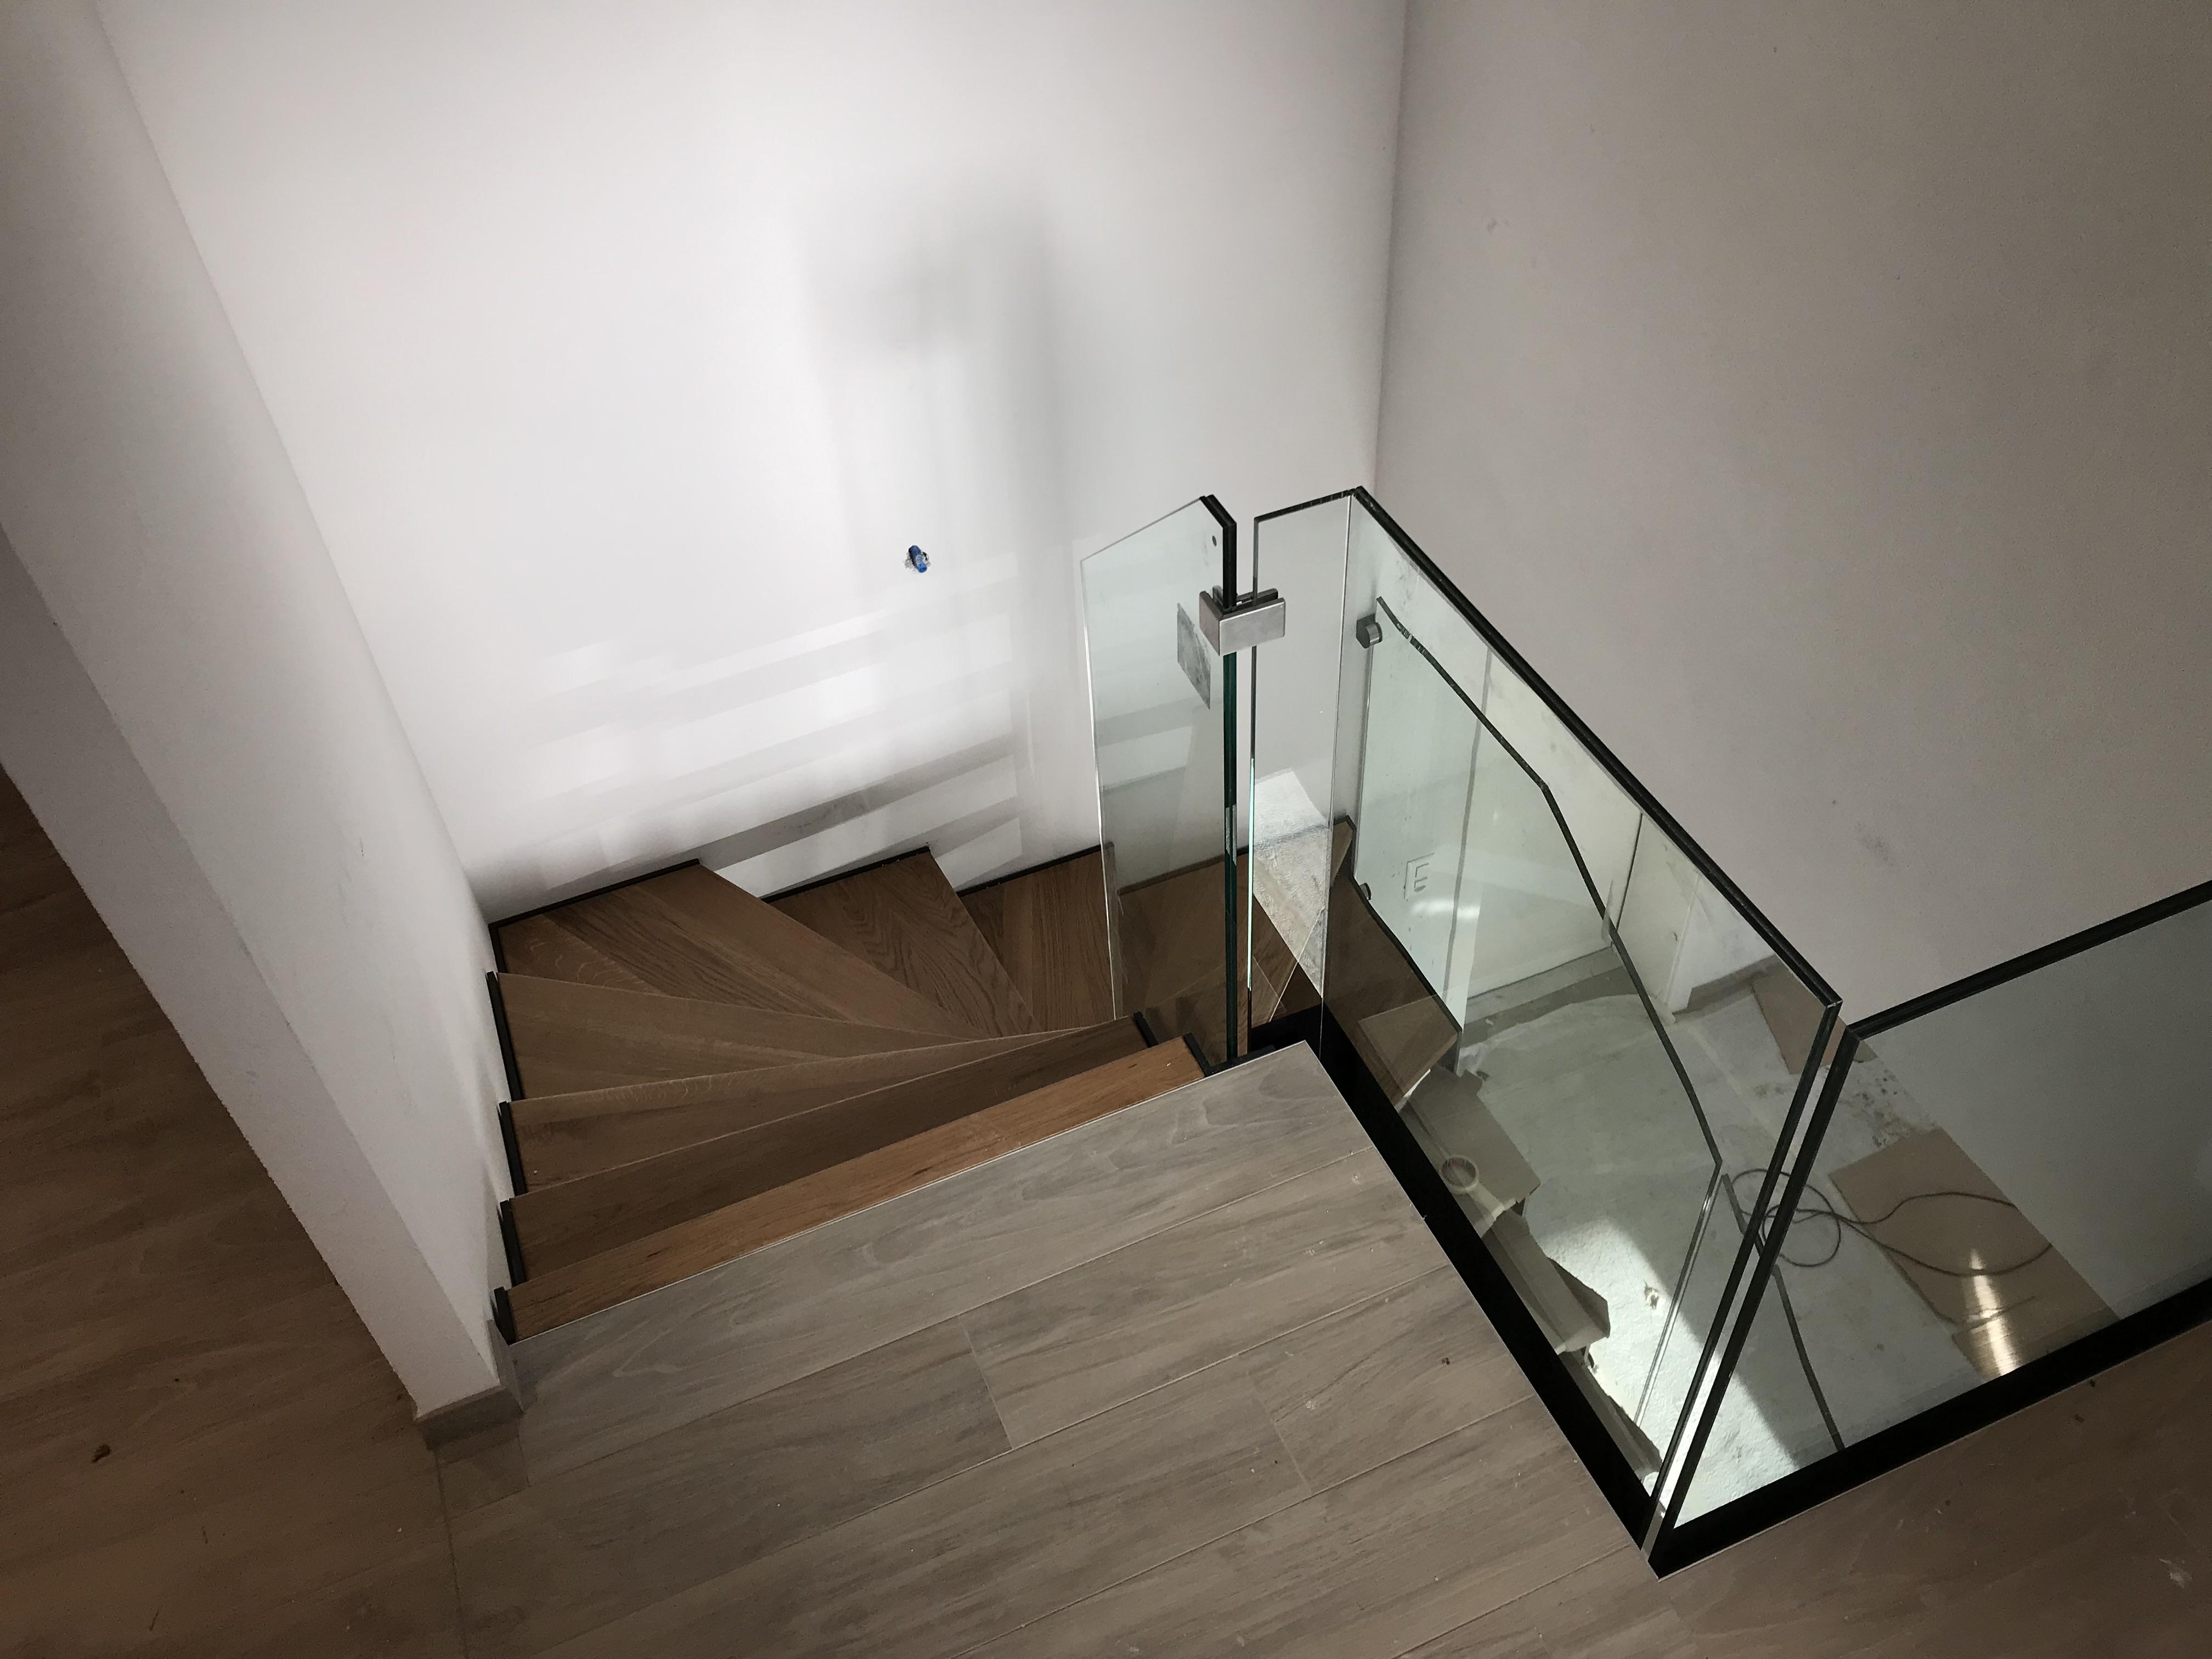 escalier bois, verre et métal